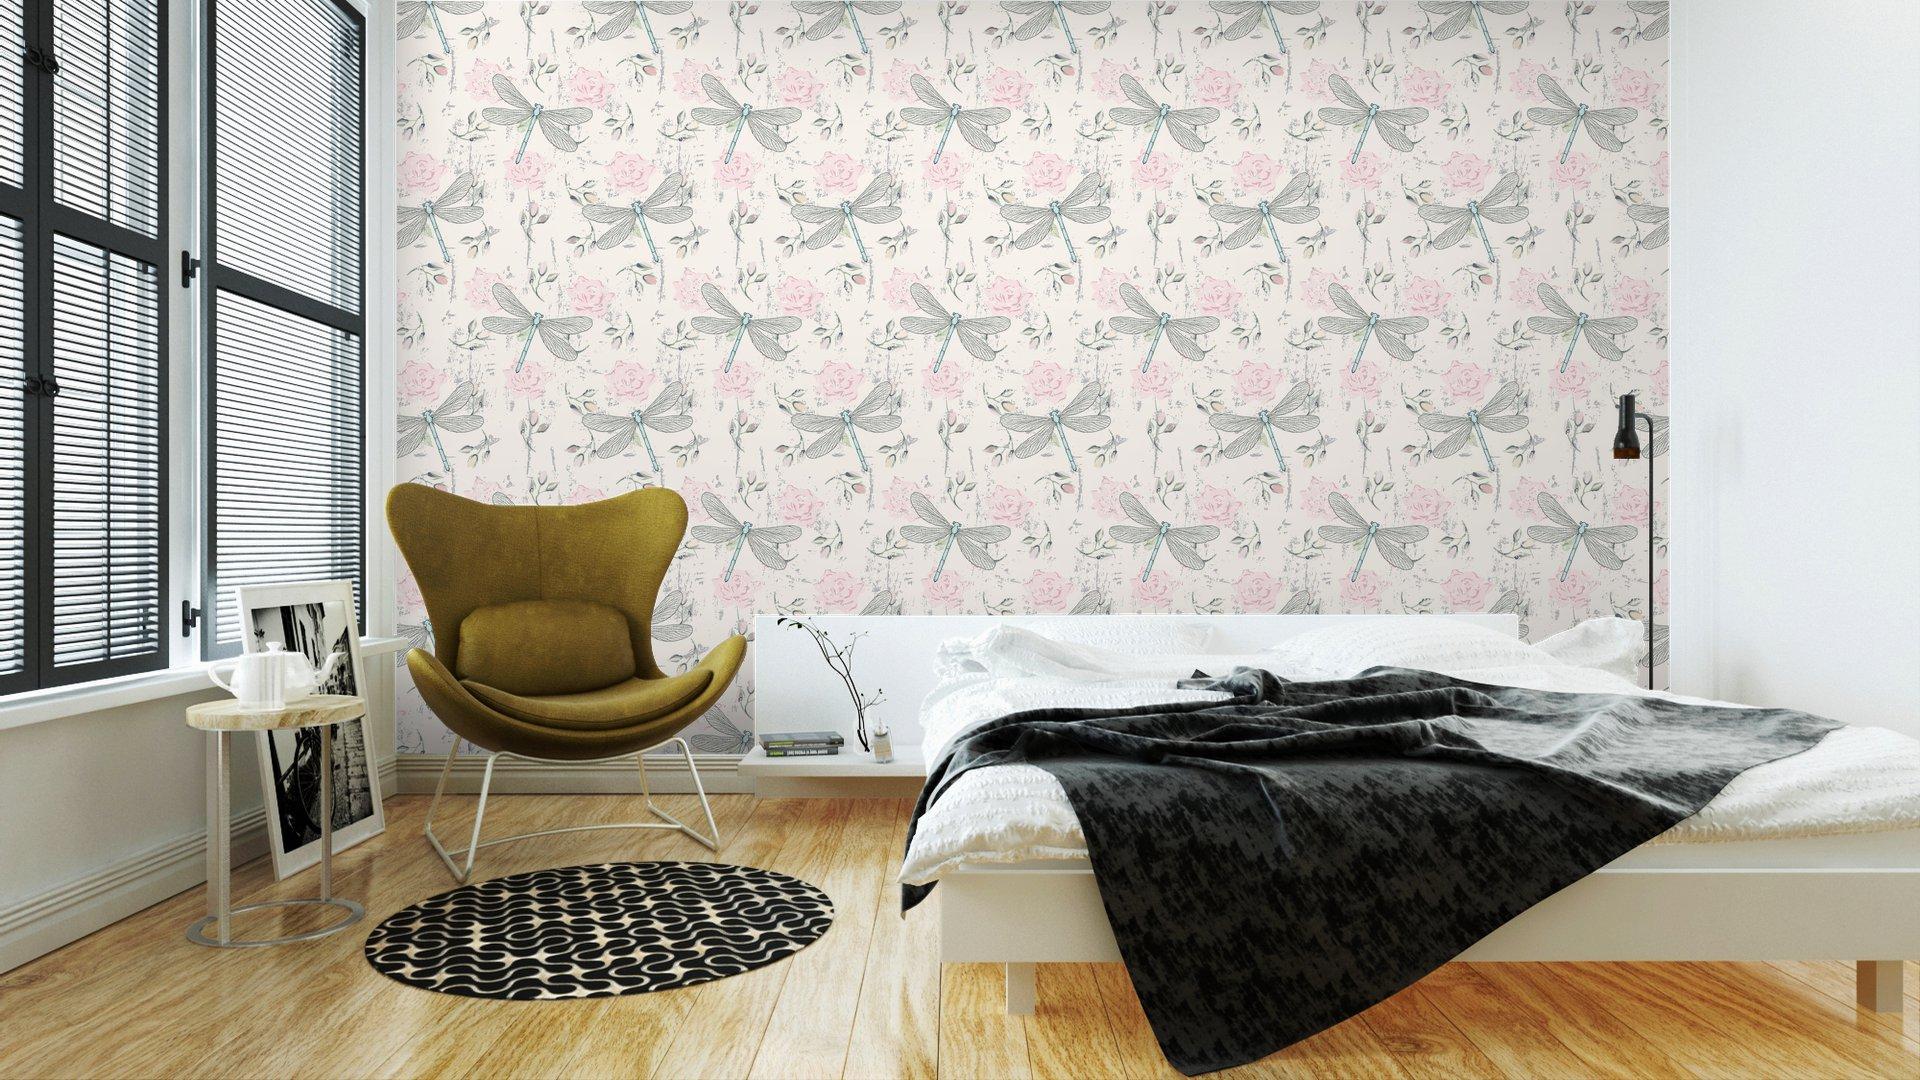 Fotomurales mexico papeles pintados lavables ronoso sin fisuras patron floral con las libelulas 3 - PapelTapiz Patrón Floral Con Libélulas 01